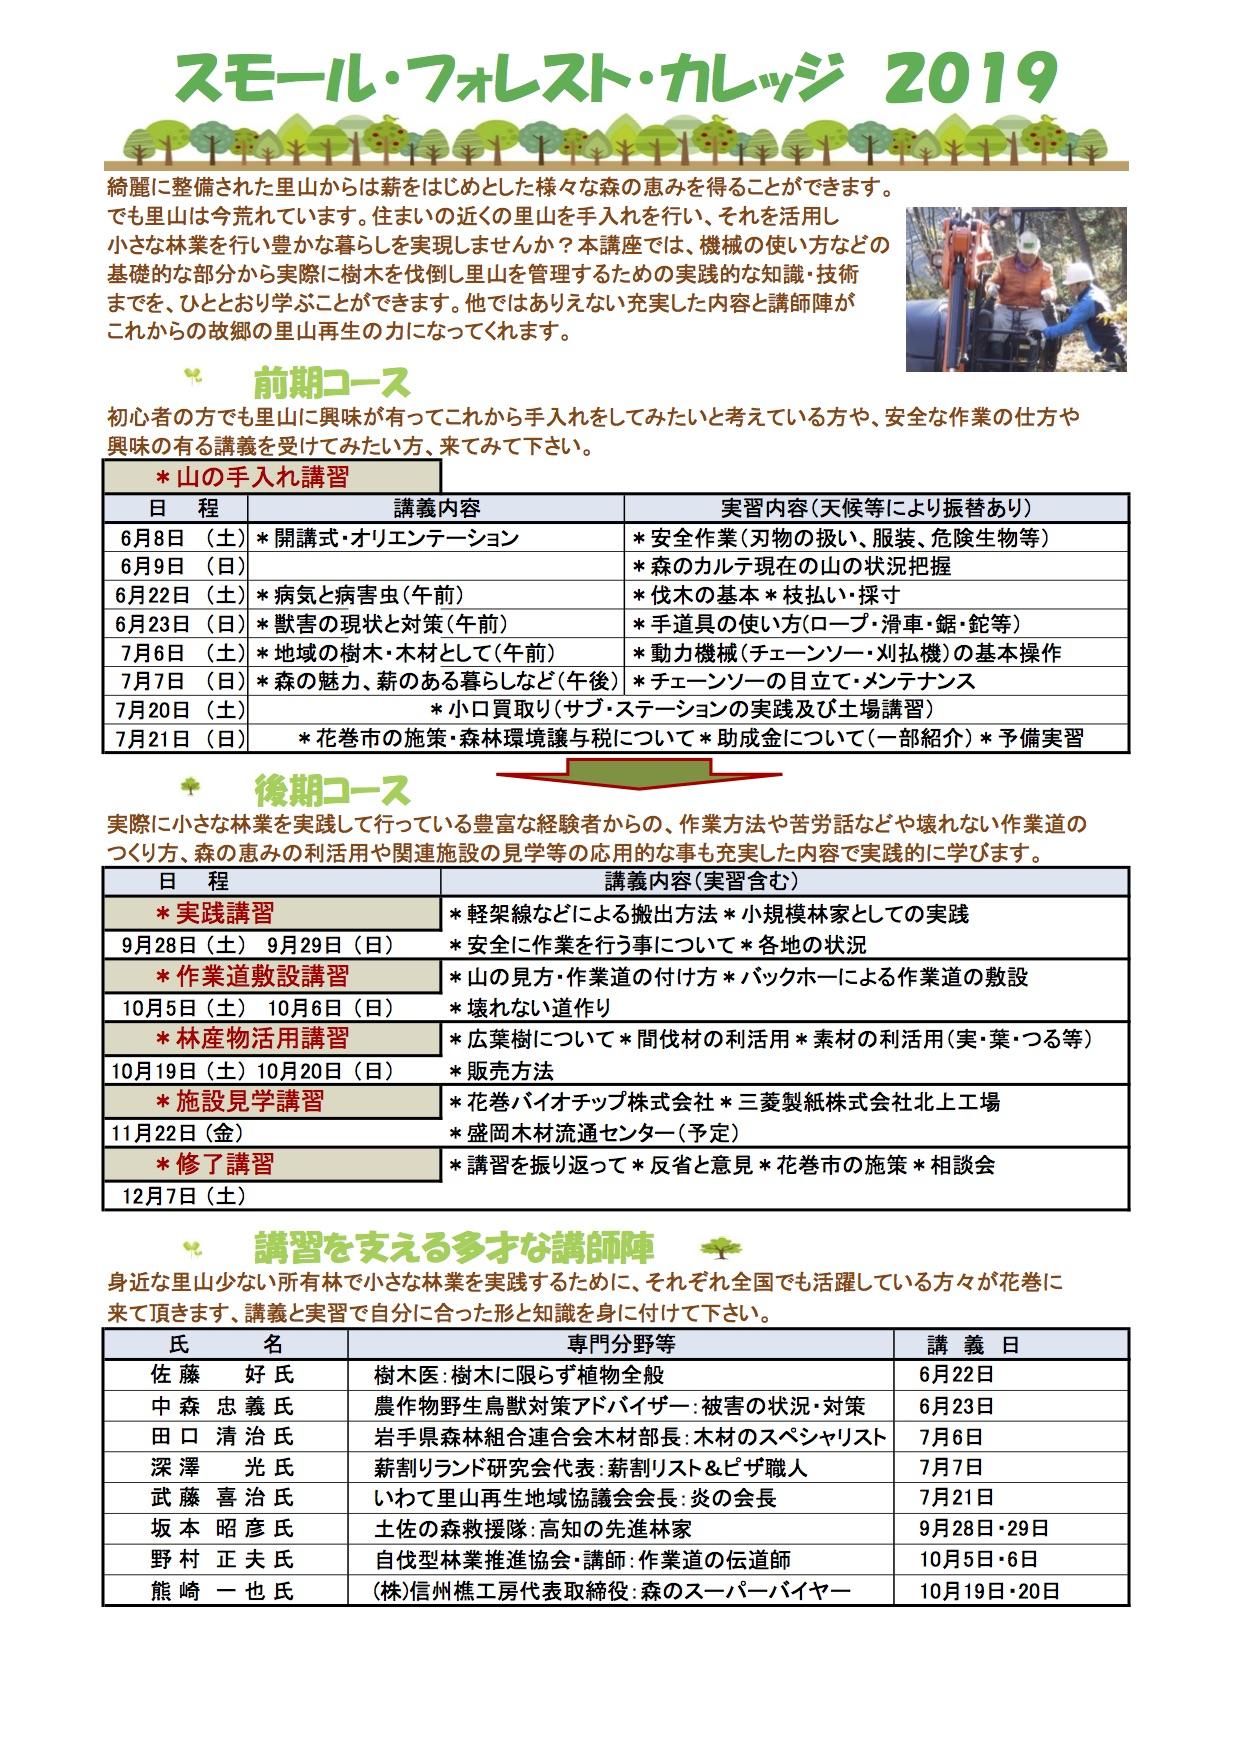 岩手県花巻市で自伐研修「スモール・フォレスト・カレッジ」開催